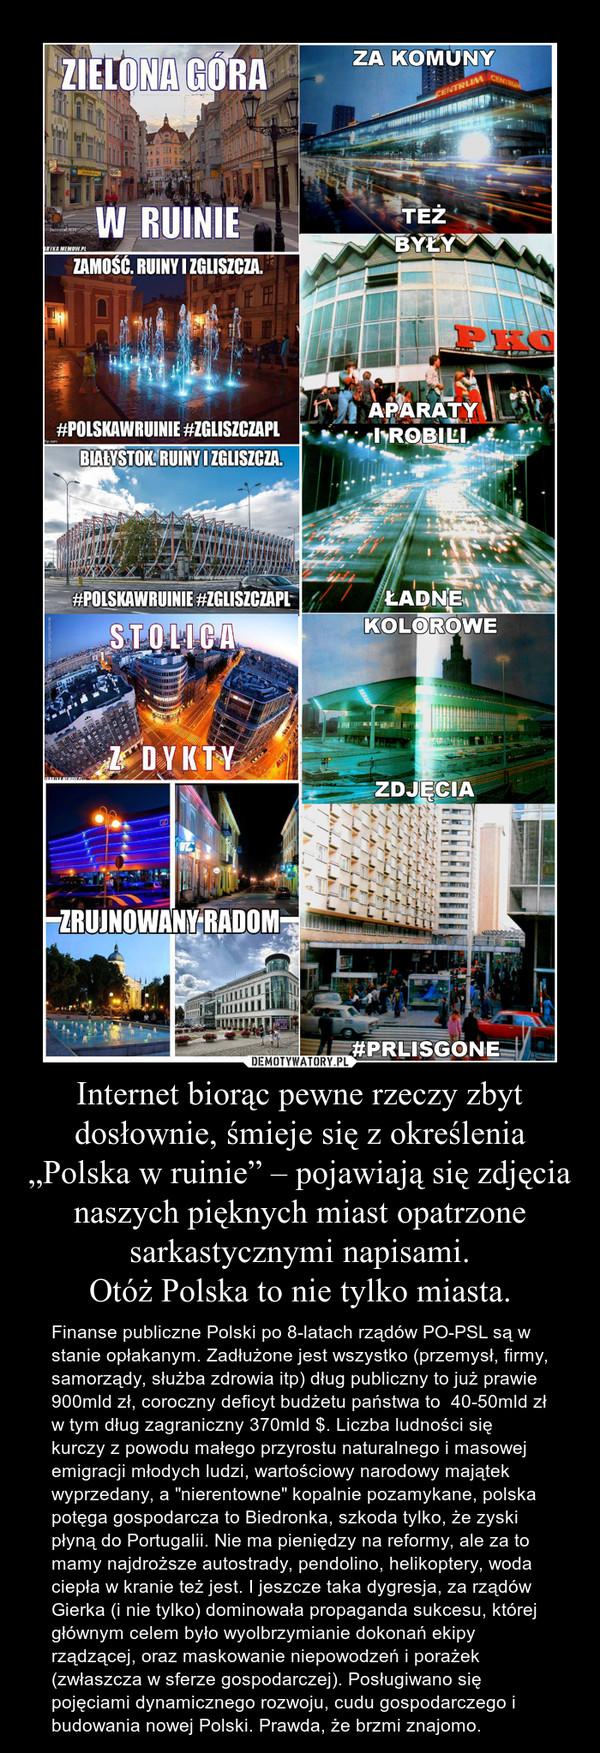 """Internet biorąc pewne rzeczy zbyt dosłownie, śmieje się z określenia """"Polska w ruinie"""" – pojawiają się zdjęcia naszych pięknych miast opatrzone sarkastycznymi napisami.Otóż Polska to nie tylko miasta. – Finanse publiczne Polski po 8-latach rządów PO-PSL są w stanie opłakanym. Zadłużone jest wszystko (przemysł, firmy, samorządy, służba zdrowia itp) dług publiczny to już prawie 900mld zł, coroczny deficyt budżetu państwa to  40-50mld zł w tym dług zagraniczny 370mld $. Liczba ludności się kurczy z powodu małego przyrostu naturalnego i masowej emigracji młodych ludzi, wartościowy narodowy majątek wyprzedany, a """"nierentowne"""" kopalnie pozamykane, polska potęga gospodarcza to Biedronka, szkoda tylko, że zyski płyną do Portugalii. Nie ma pieniędzy na reformy, ale za to mamy najdroższe autostrady, pendolino, helikoptery, woda ciepła w kranie też jest. I jeszcze taka dygresja, za rządów Gierka (i nie tylko) dominowała propaganda sukcesu, której głównym celem było wyolbrzymianie dokonań ekipy rządzącej, oraz maskowanie niepowodzeń i porażek (zwłaszcza w sferze gospodarczej). Posługiwano się pojęciami dynamicznego rozwoju, cudu gospodarczego i budowania nowej Polski. Prawda, że brzmi znajomo."""